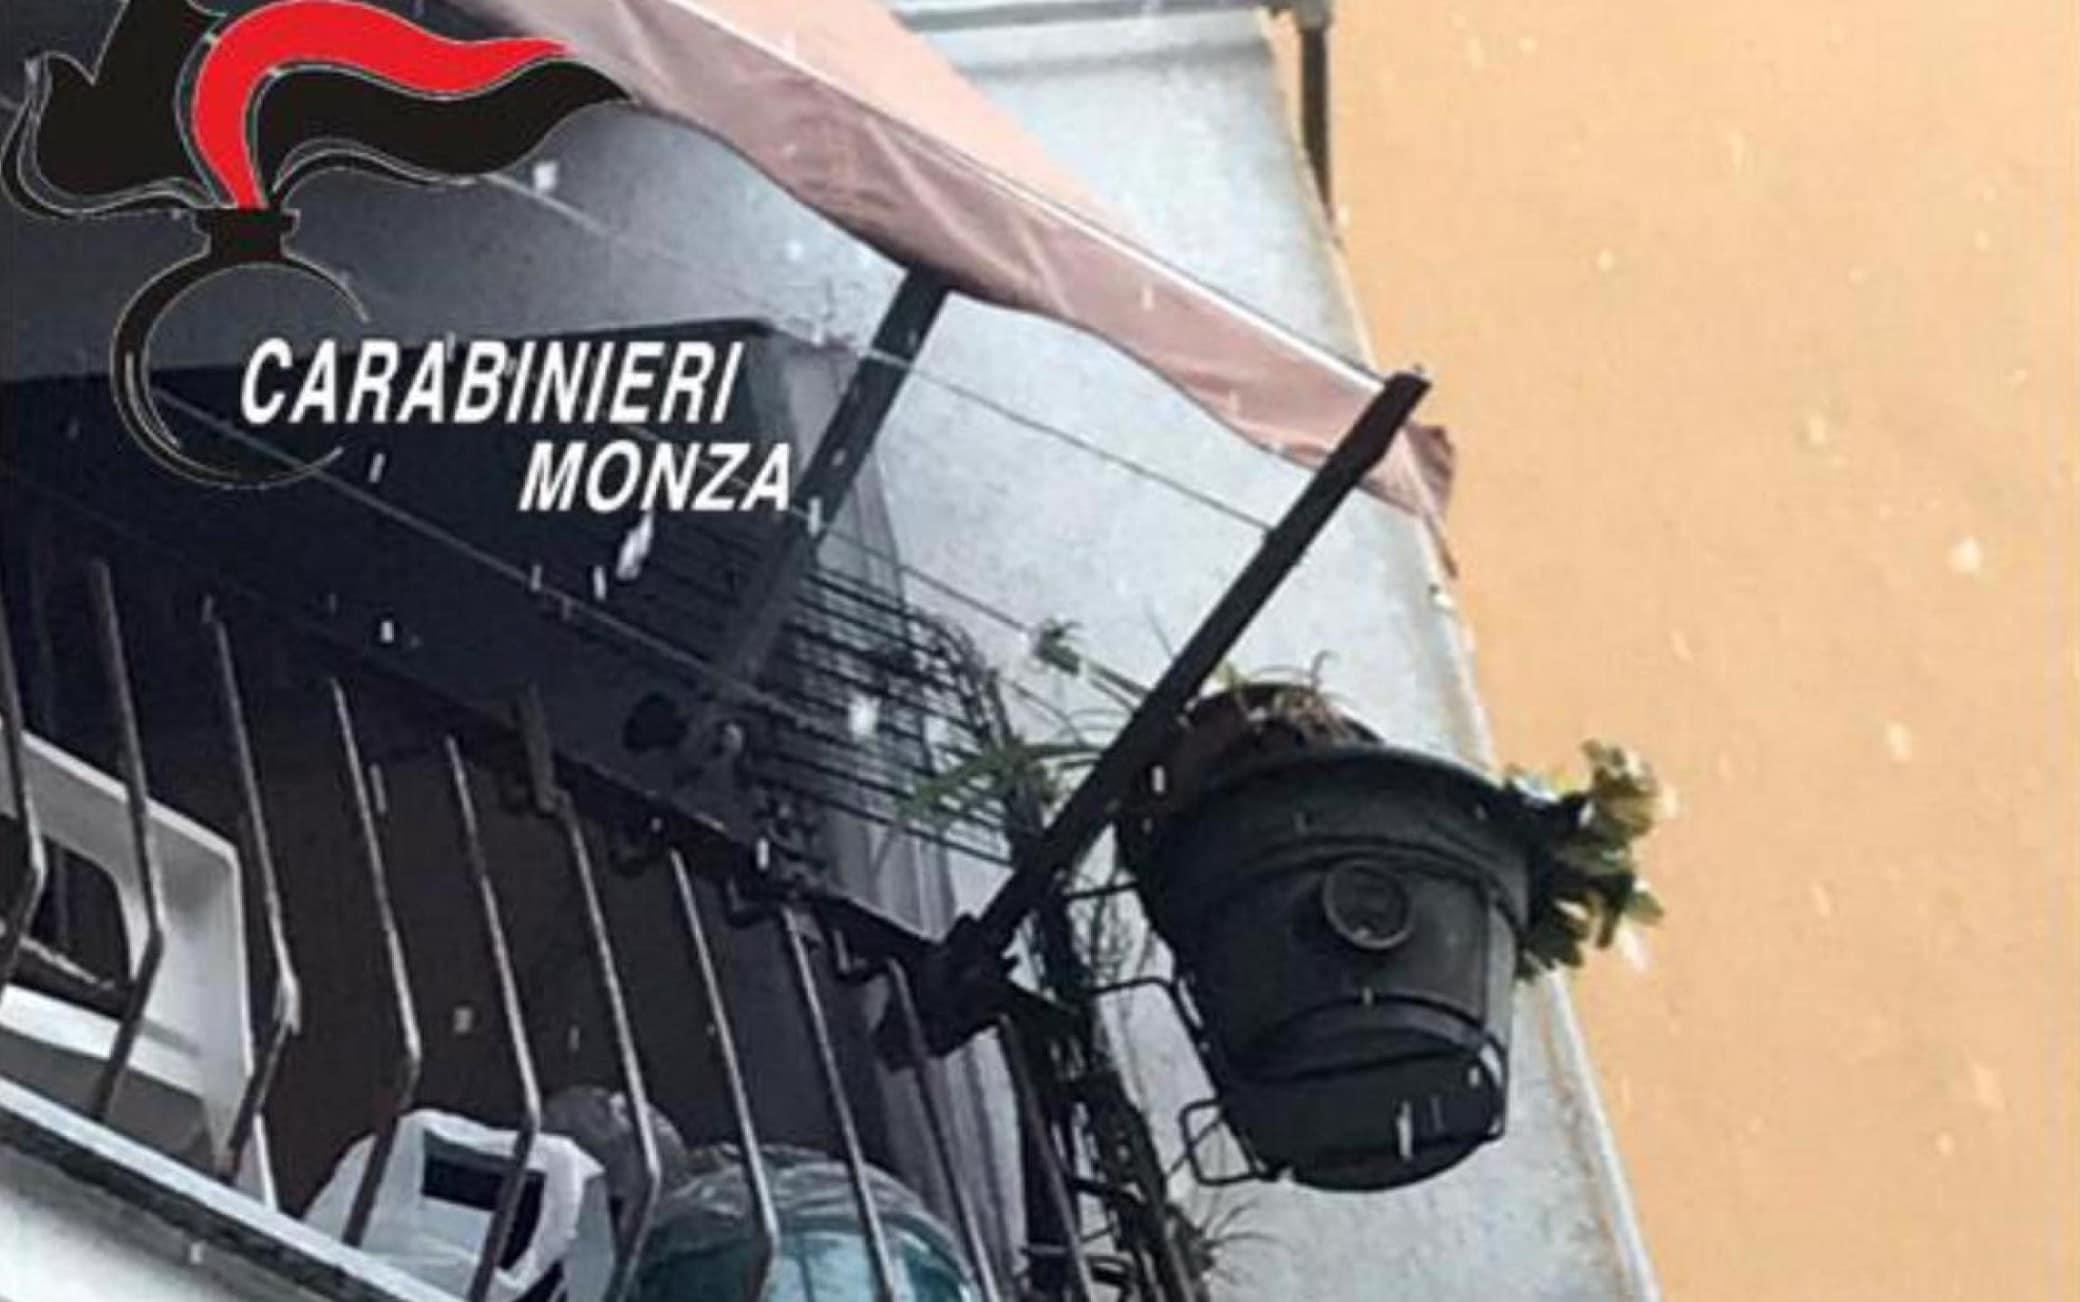 Un sistema di videosorveglianza con anche una telecamera in un vaso per tenere sotto controllo l'ingresso di una casa a Seregno (Monza), da dove due spacciatori gestivano un giro di cocaina. Lo hanno scoperto i carabinieri che, proprio monitorando l'attività dei due pusher, entrambi 64 enni, sono arrivati alle loro abitazioni, una delle quali dotata di telecamere per prevenire controlli di Polizia. In una cantina in disuso nella palazzina di uno dei due i militari hanno trovato e sequestrato anche una bomba artigianale caricata con mezzo chilo di esplosivo, con 40 centimetri di miccia detonante e ritenuta potenzialmente micidiale tanto da richiedere l'intervento degli artificieri. Sull'ordigno sono in corso indagini, Monza, 4 Dicembre 2020. ANSA/US/CARABINIERI